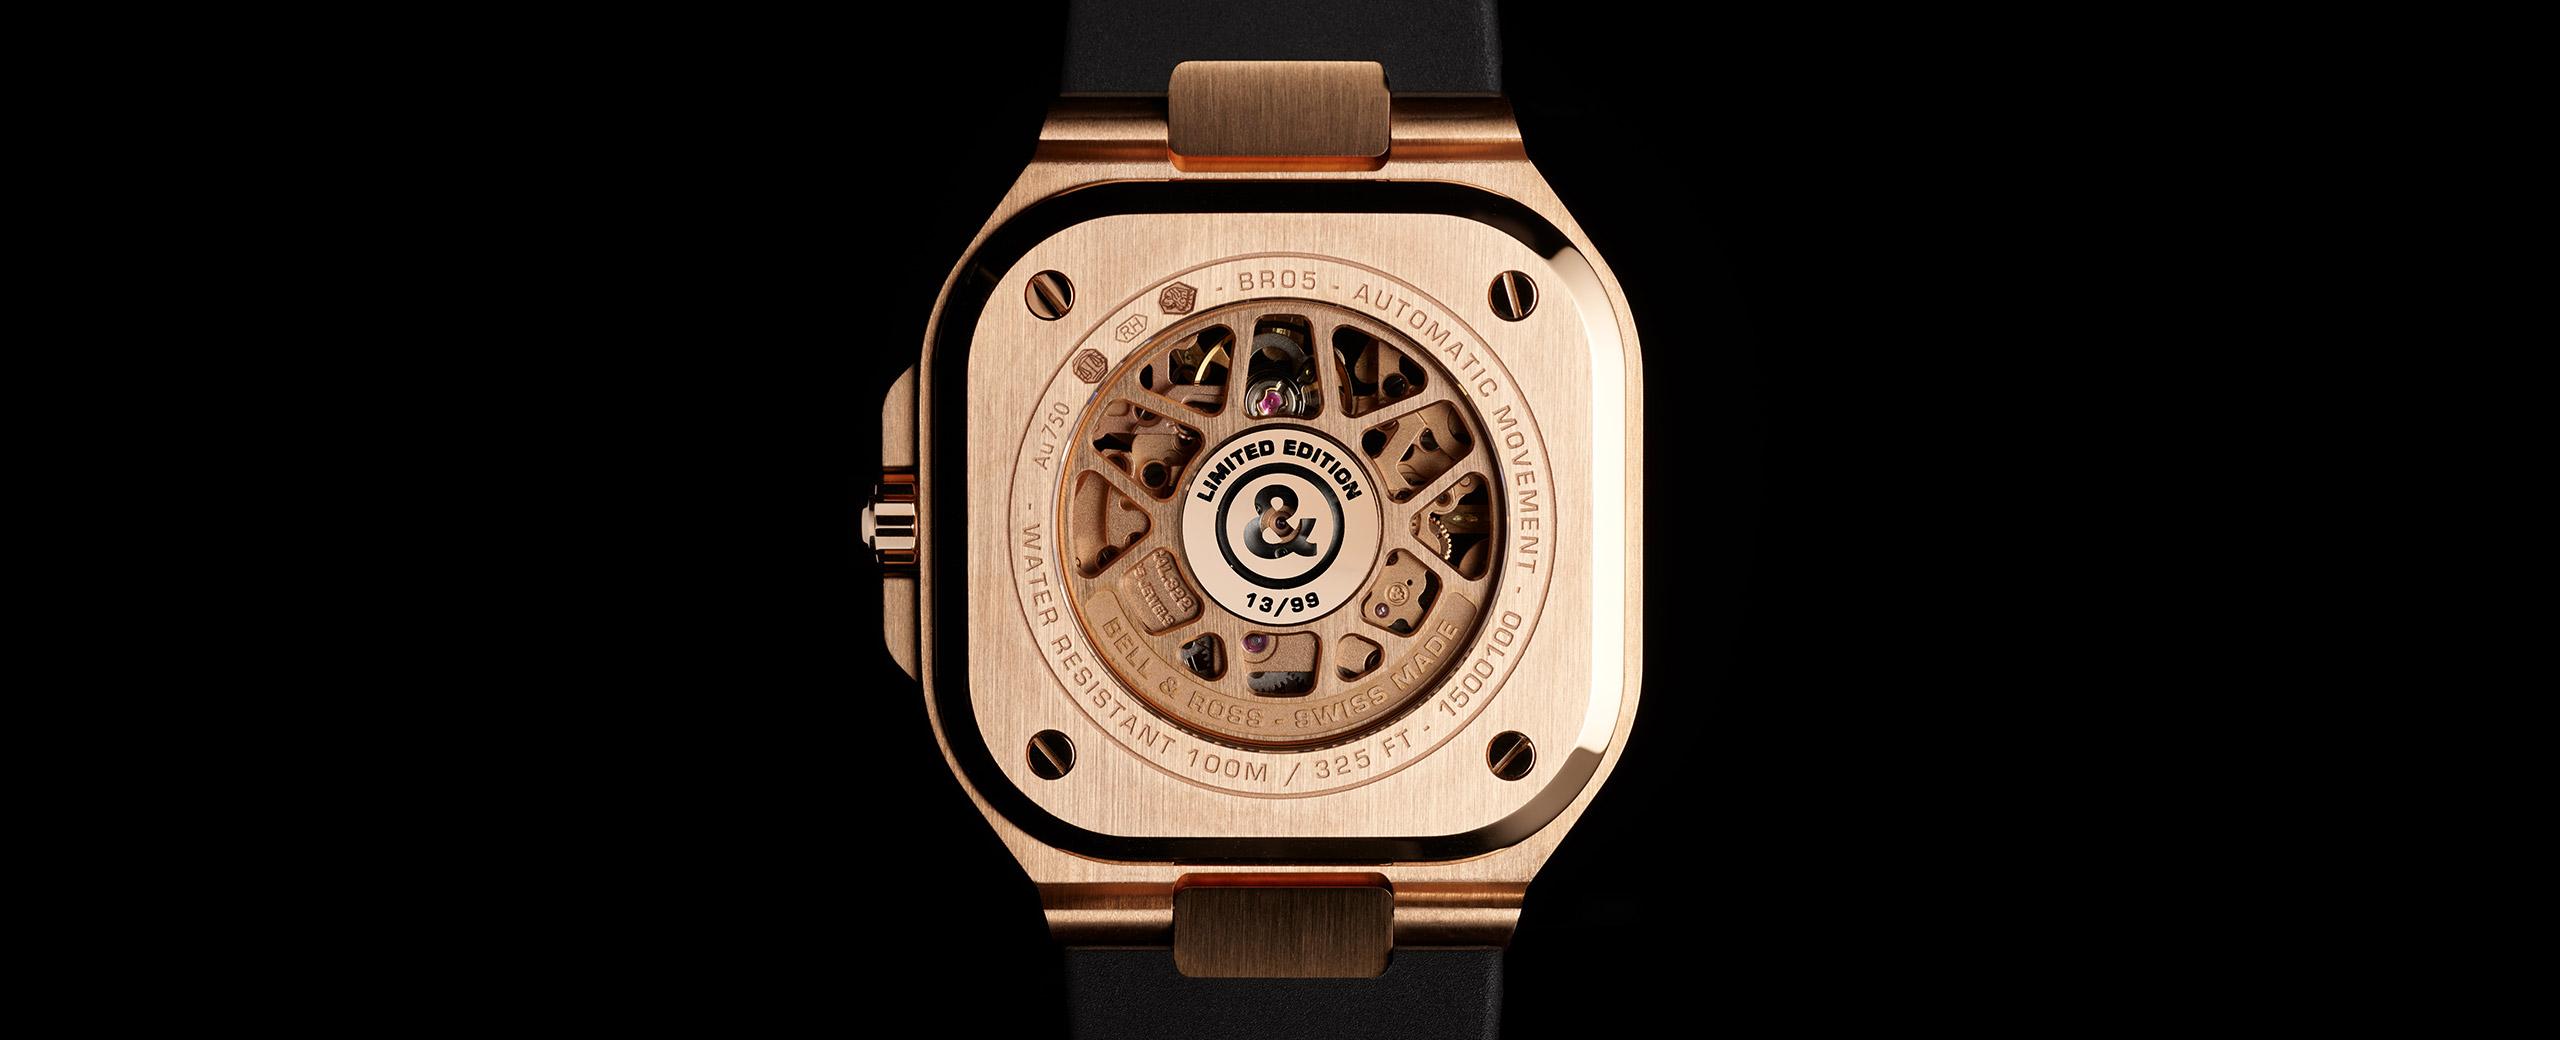 BR 05 SKELETON GOLD